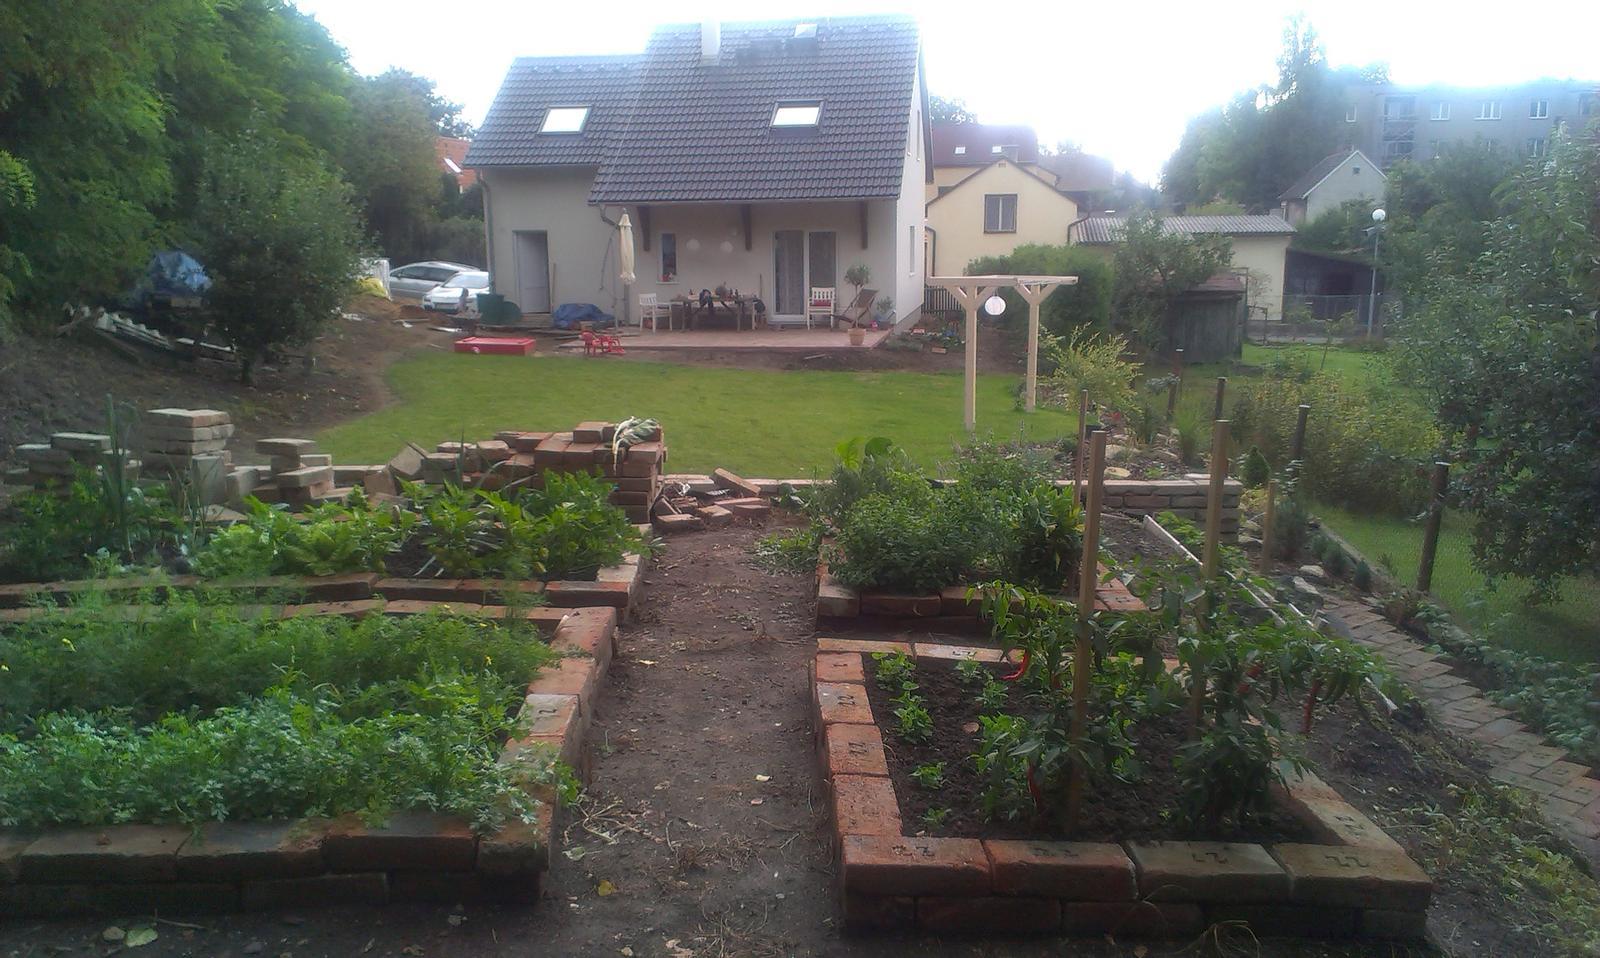 Záhrada - ešte jedna záhradná foto - nech datujem zmeny za posledné 3 mesiace :-)